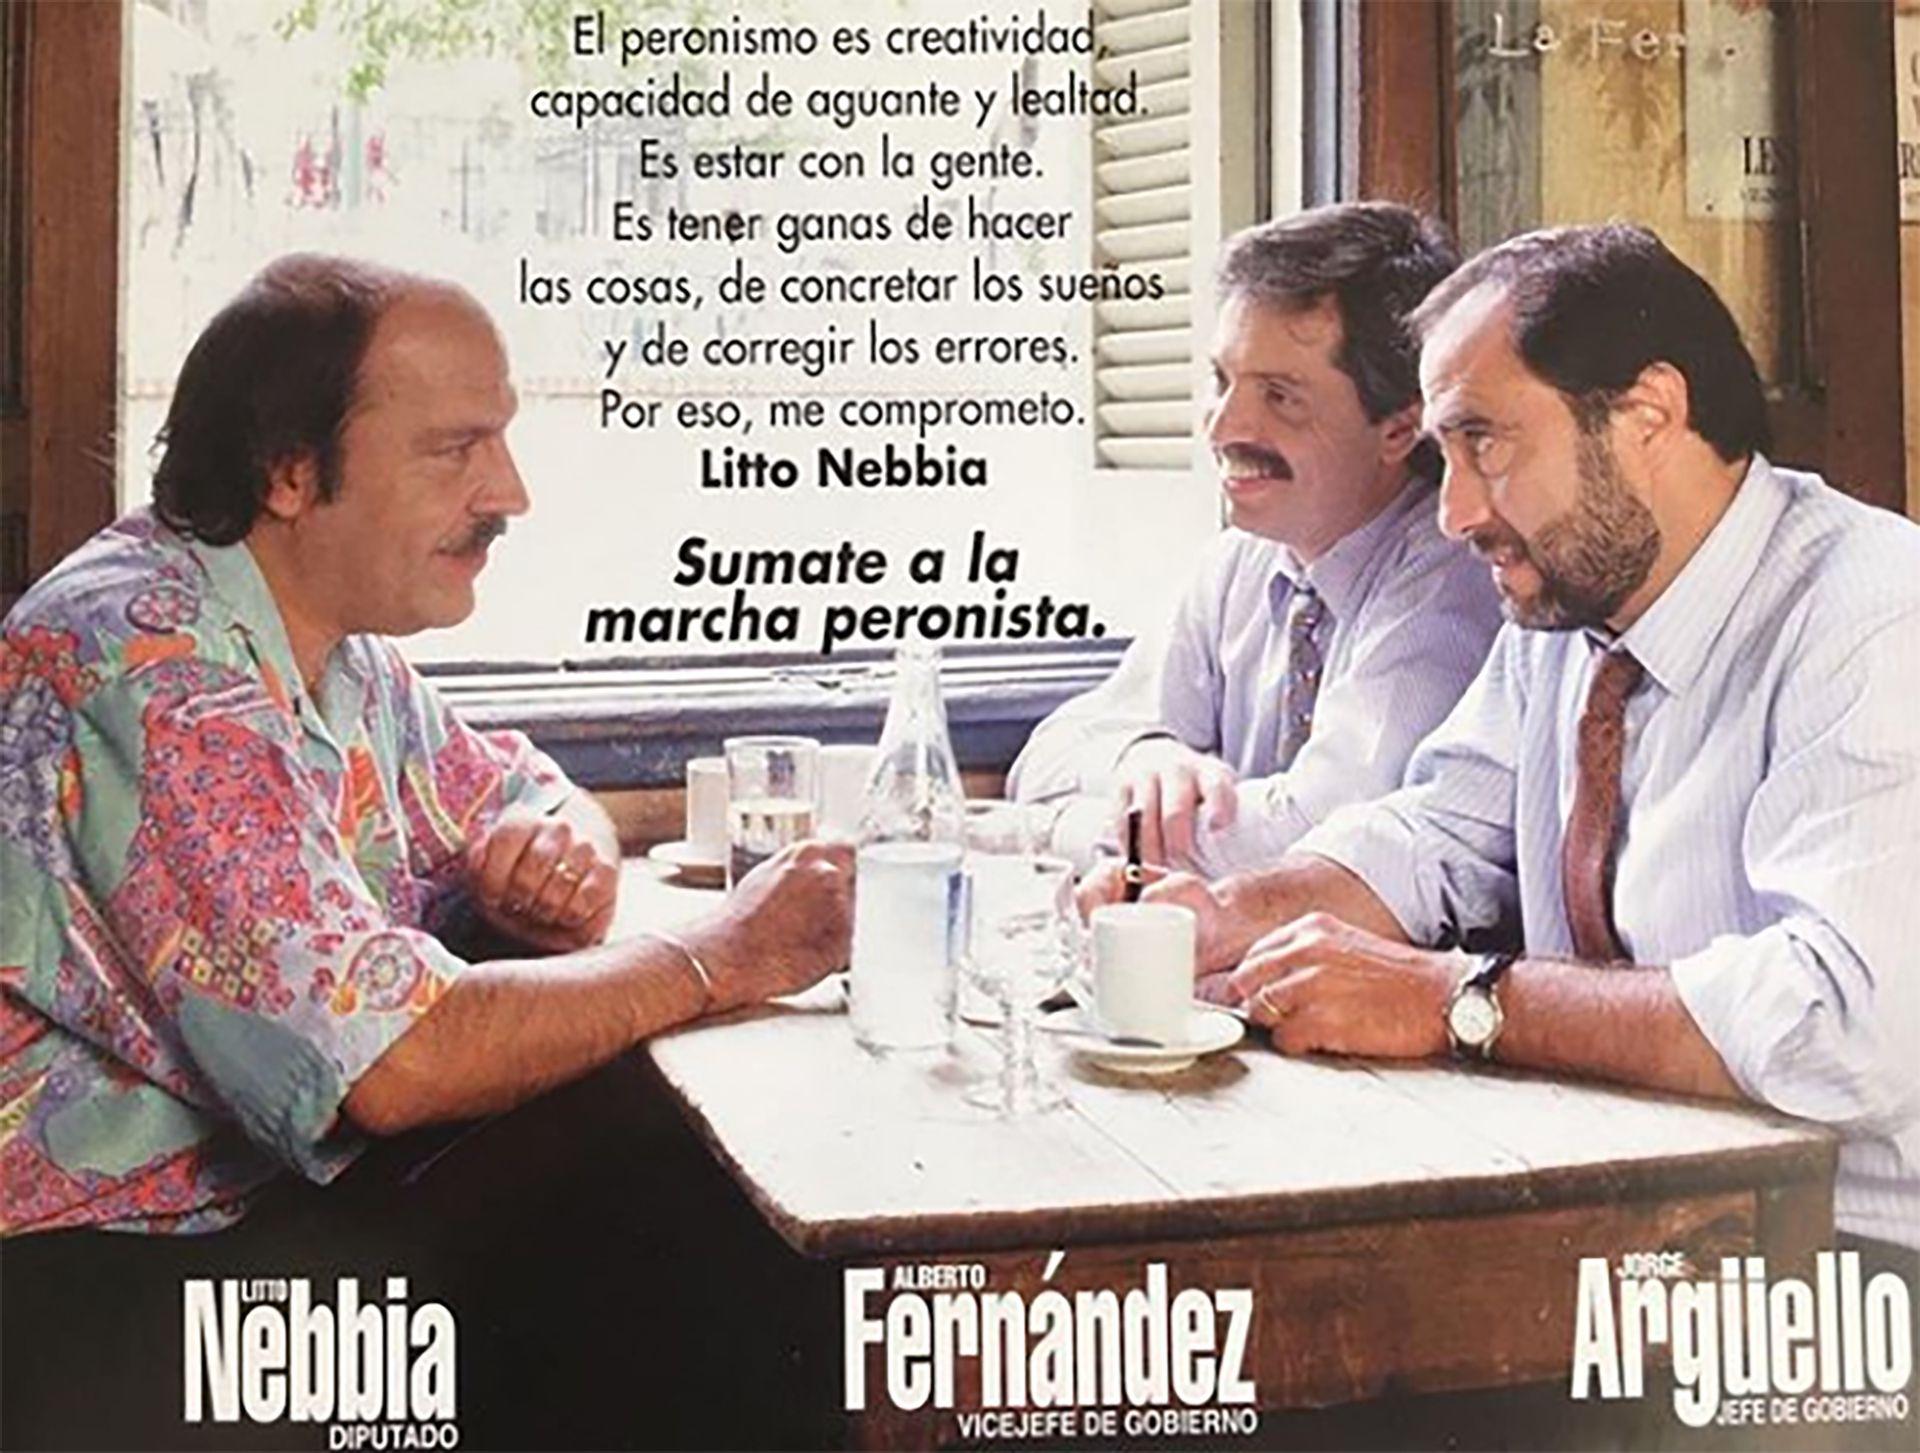 En 1999 fue precandidato a vicejefe de Gobierno de Jorge Argüello en la interna peronista de la Capital Federal, en la que perdió contra la lista de Raúl Granillo Ocampo, de origen menemista. Su amigo Litto Nebbia había aceptado ir como precandidato a diputado nacional.